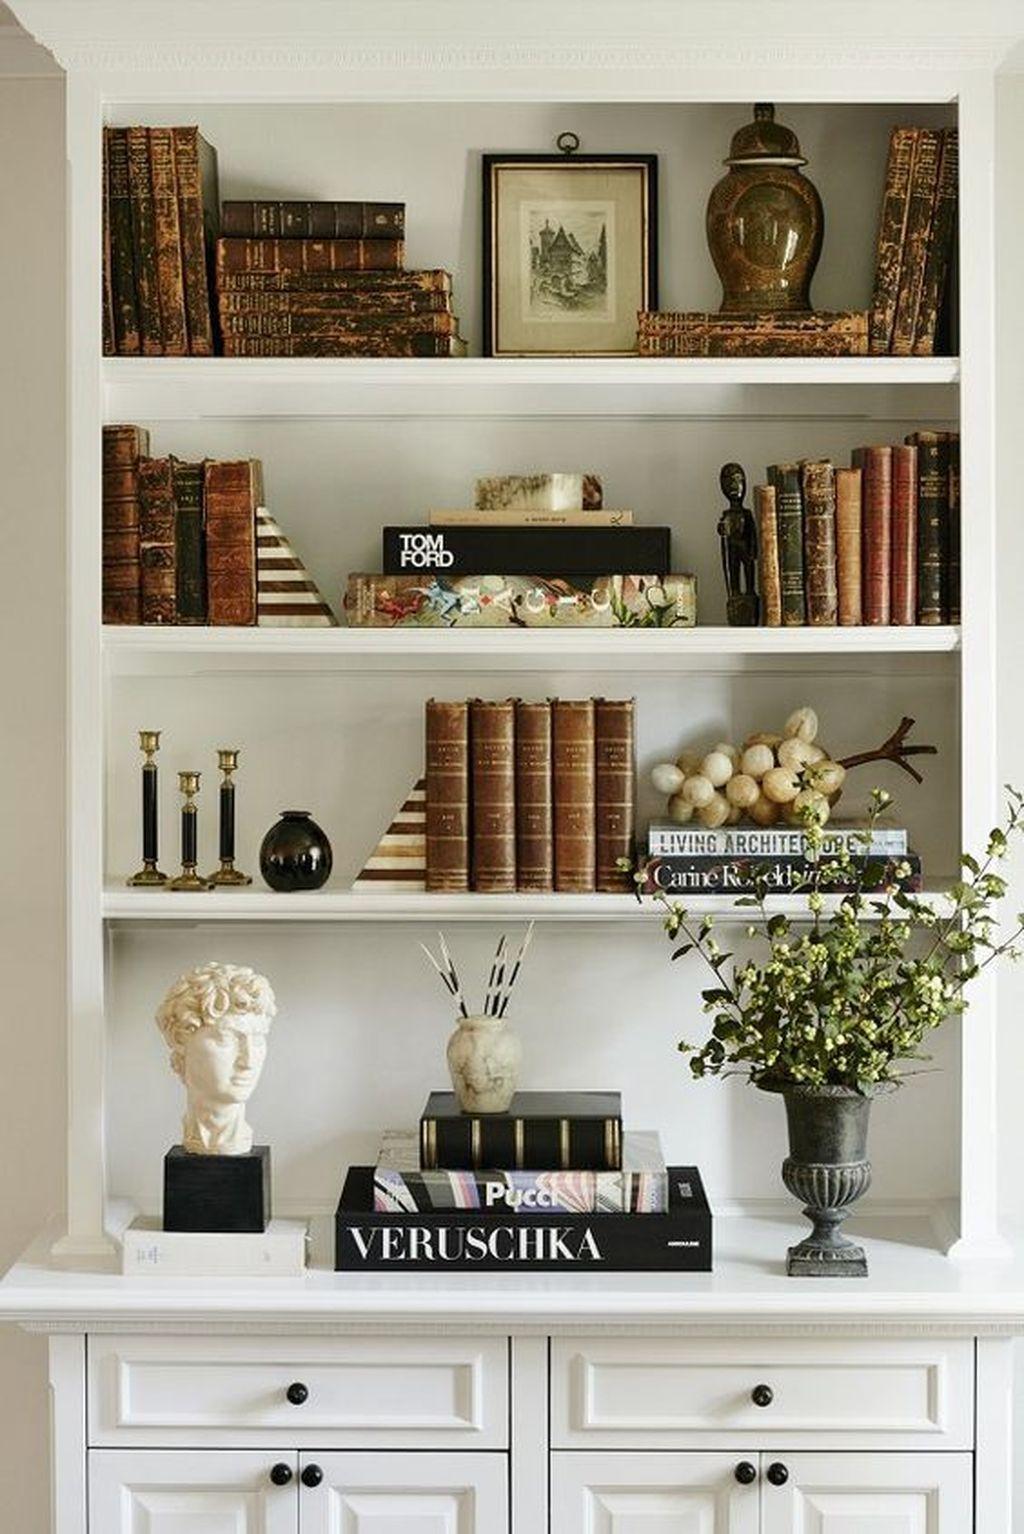 30 Elegant Bookshelves Decor Ideas That Trending Today Shelf Decor Living Room Bookcase Decor Bookshelf Decor